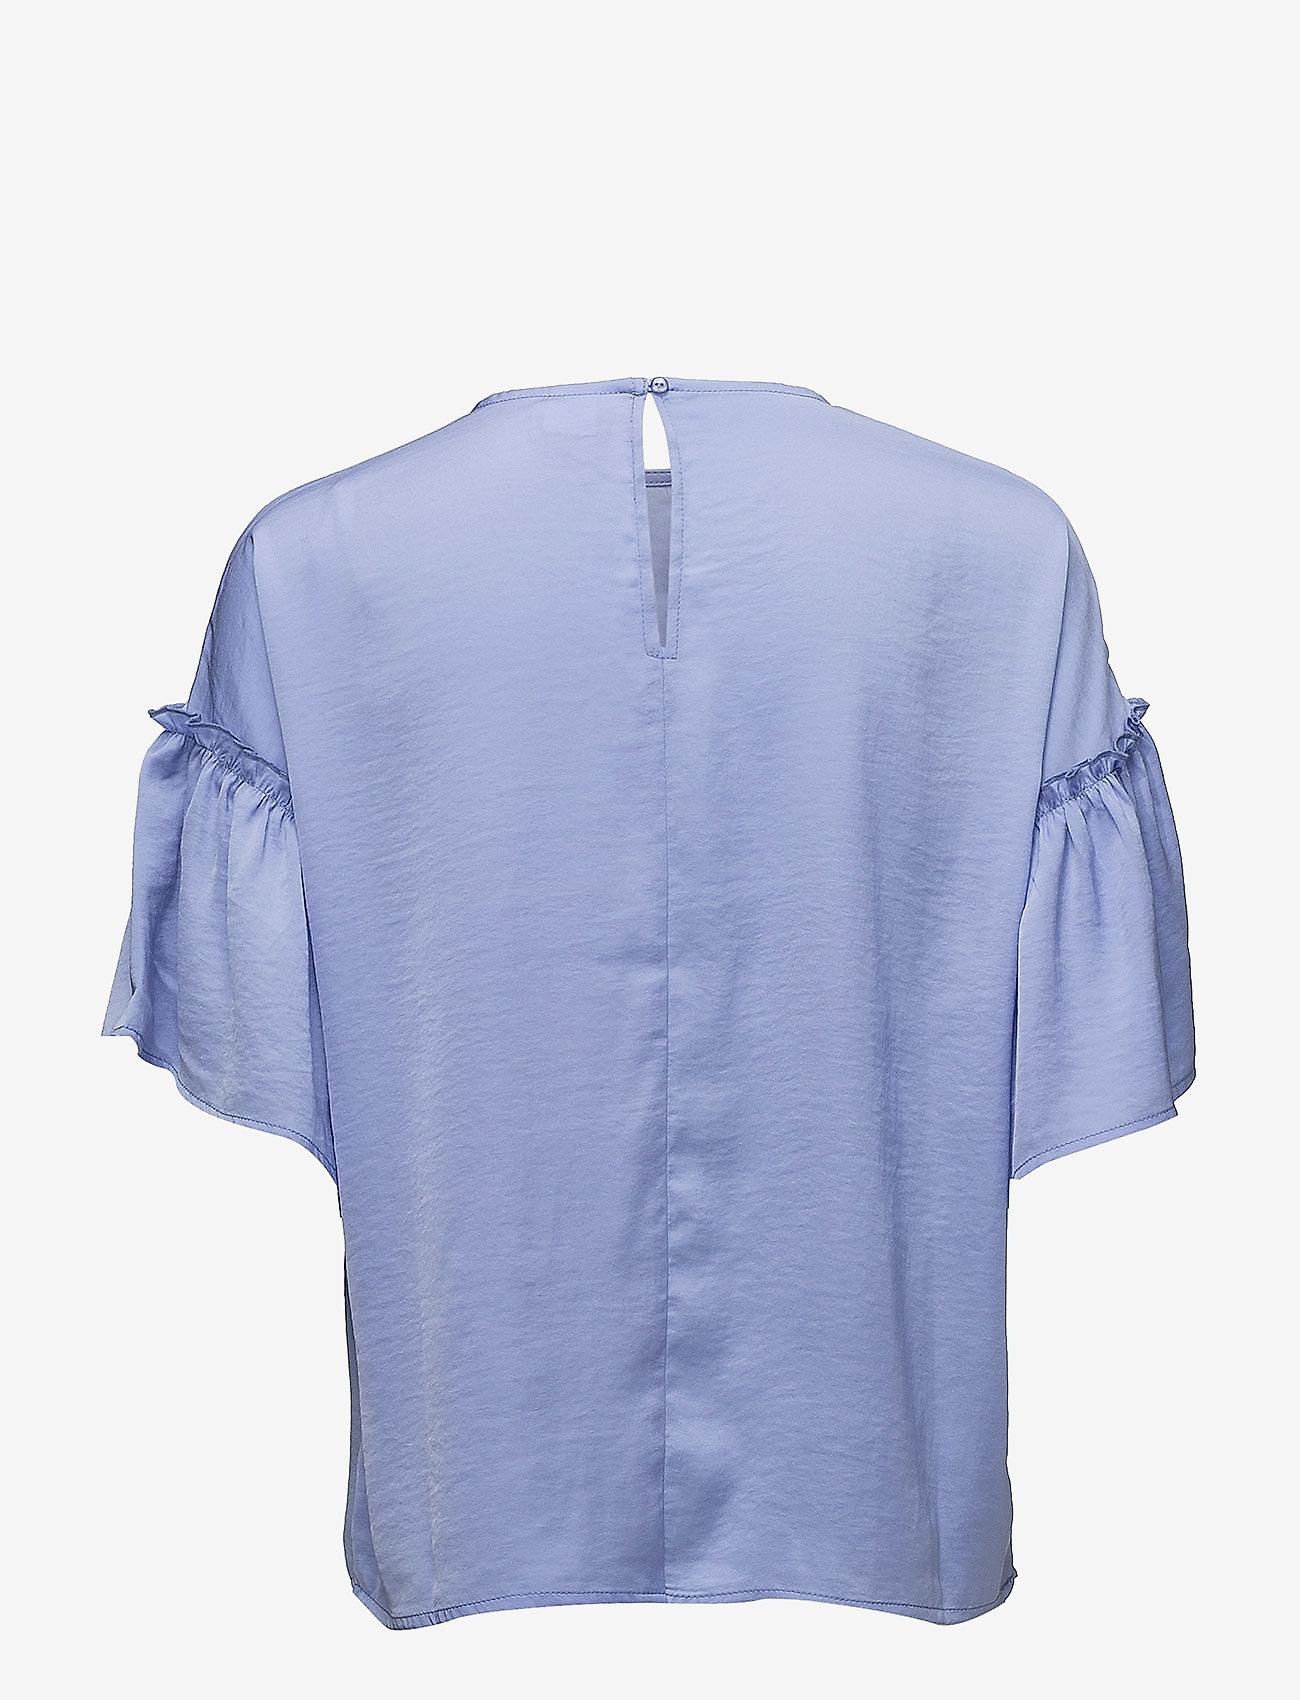 Saint Tropez BLOUSE WITH RUFFLE SLEEVE - Bluzki & Koszule HYACINTH - Kobiety Odzież.